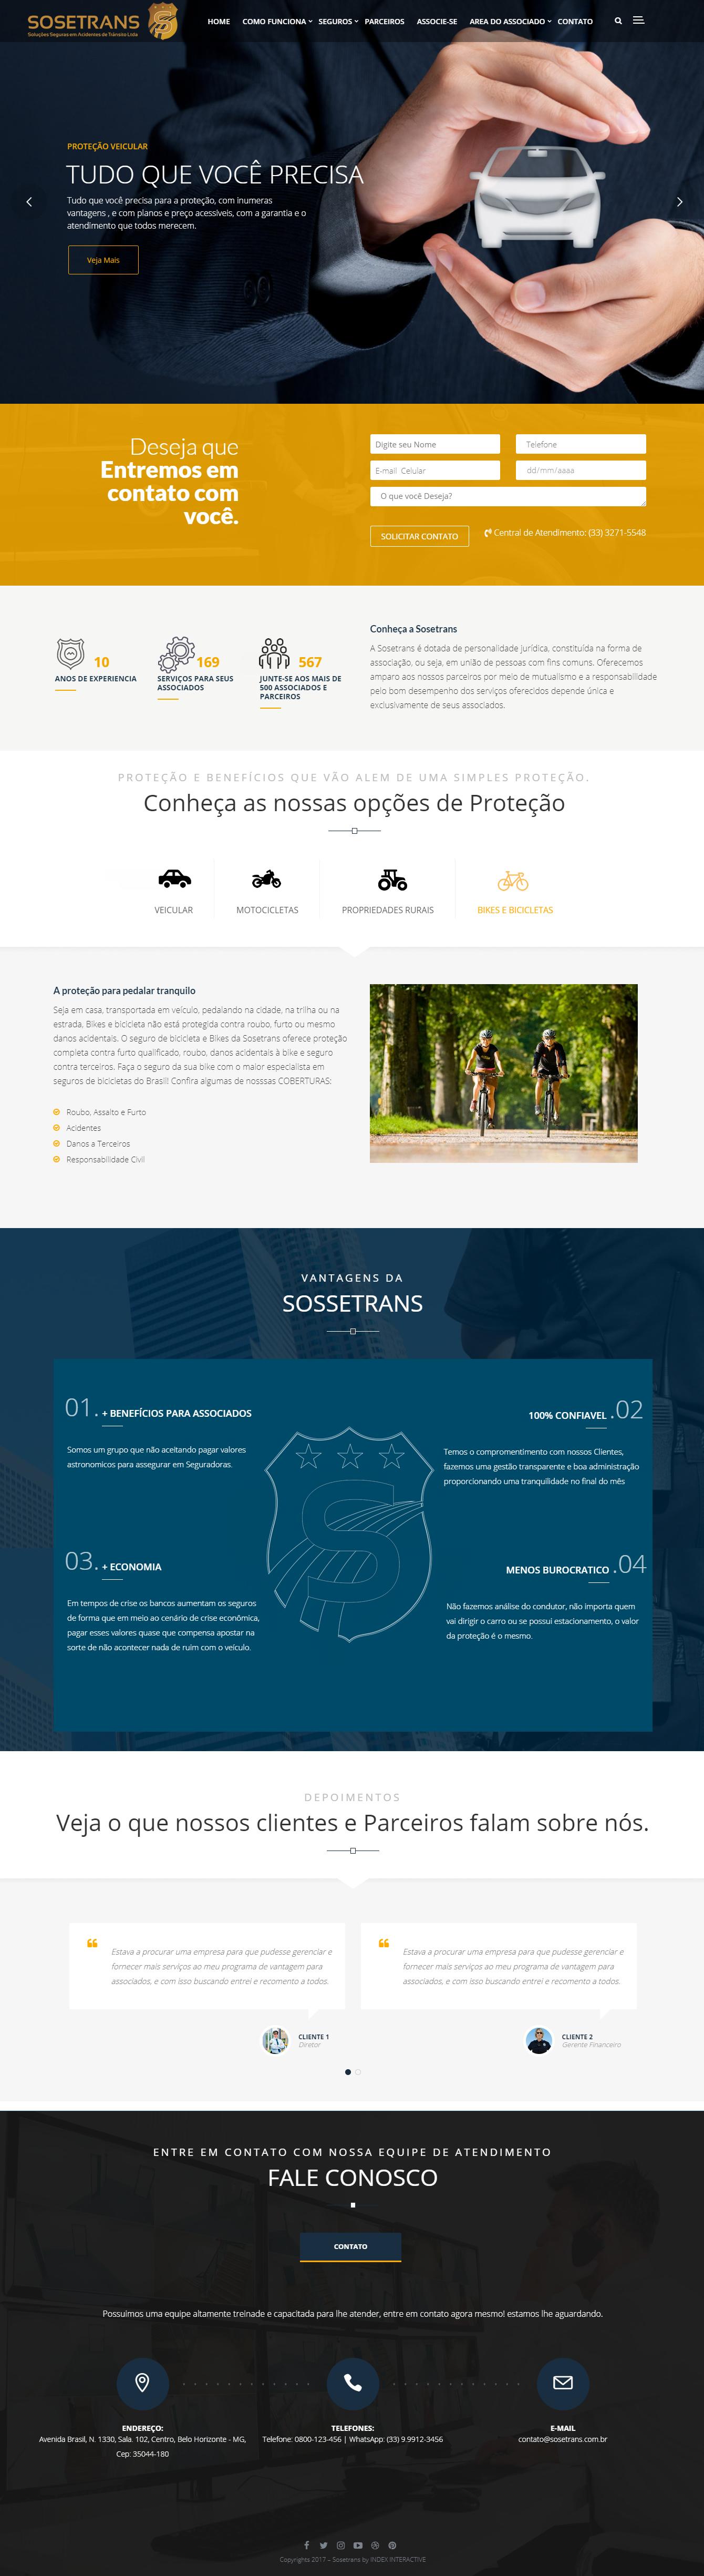 criacao de site para associacoes